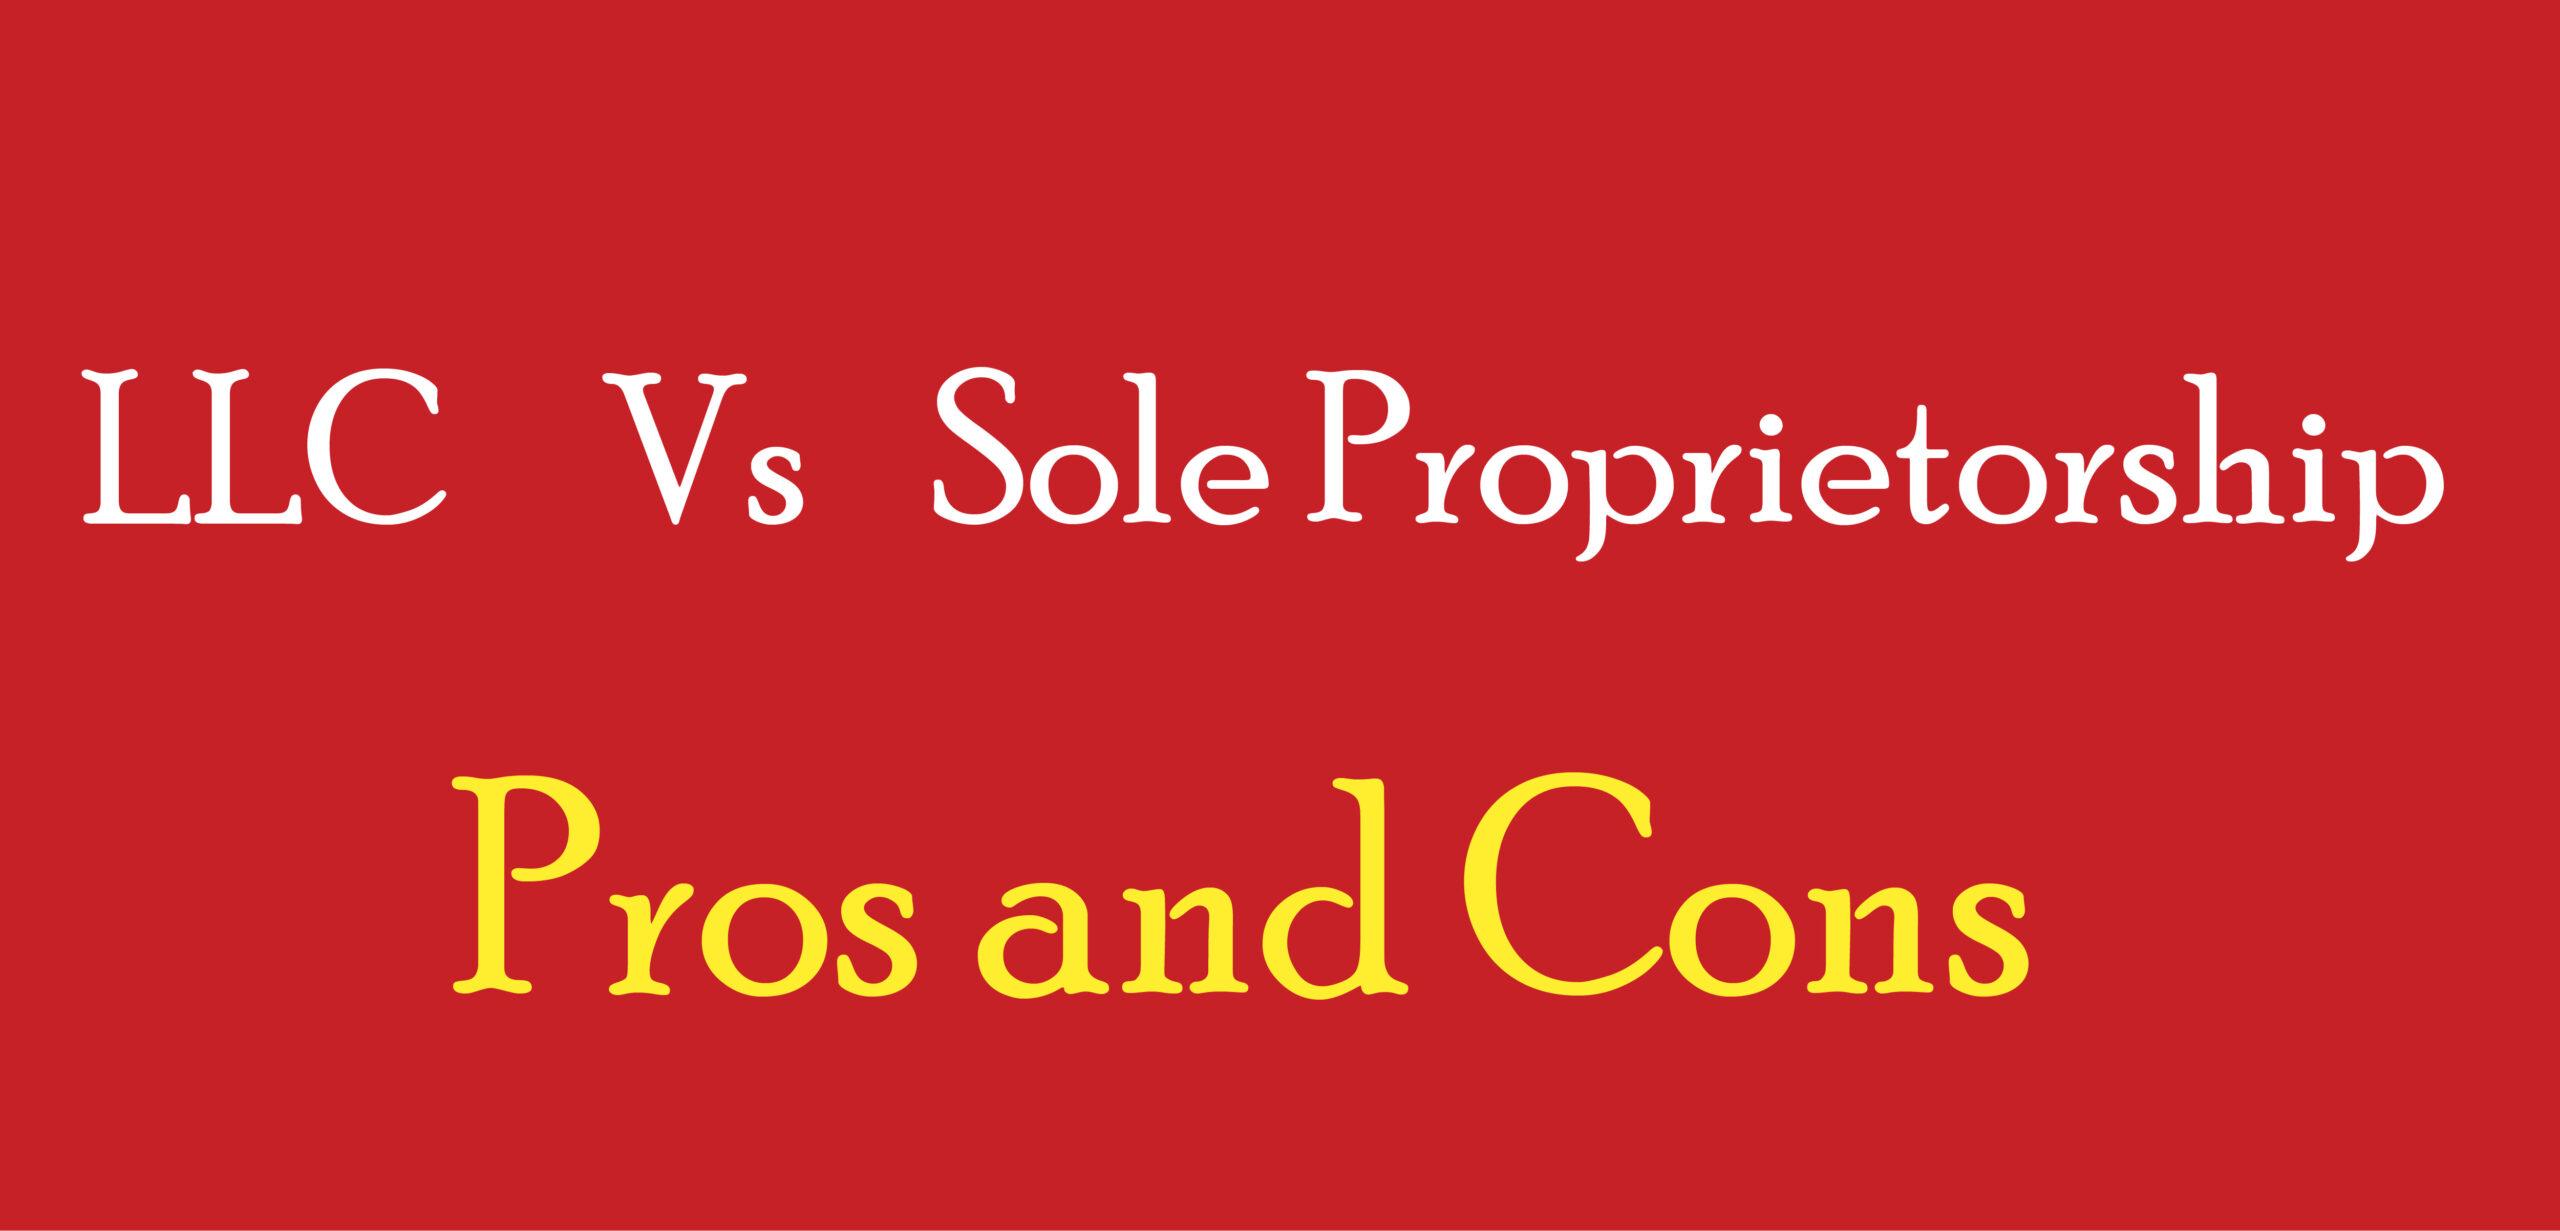 LLC Vs. Sole Proprietorship: Pros and Cons